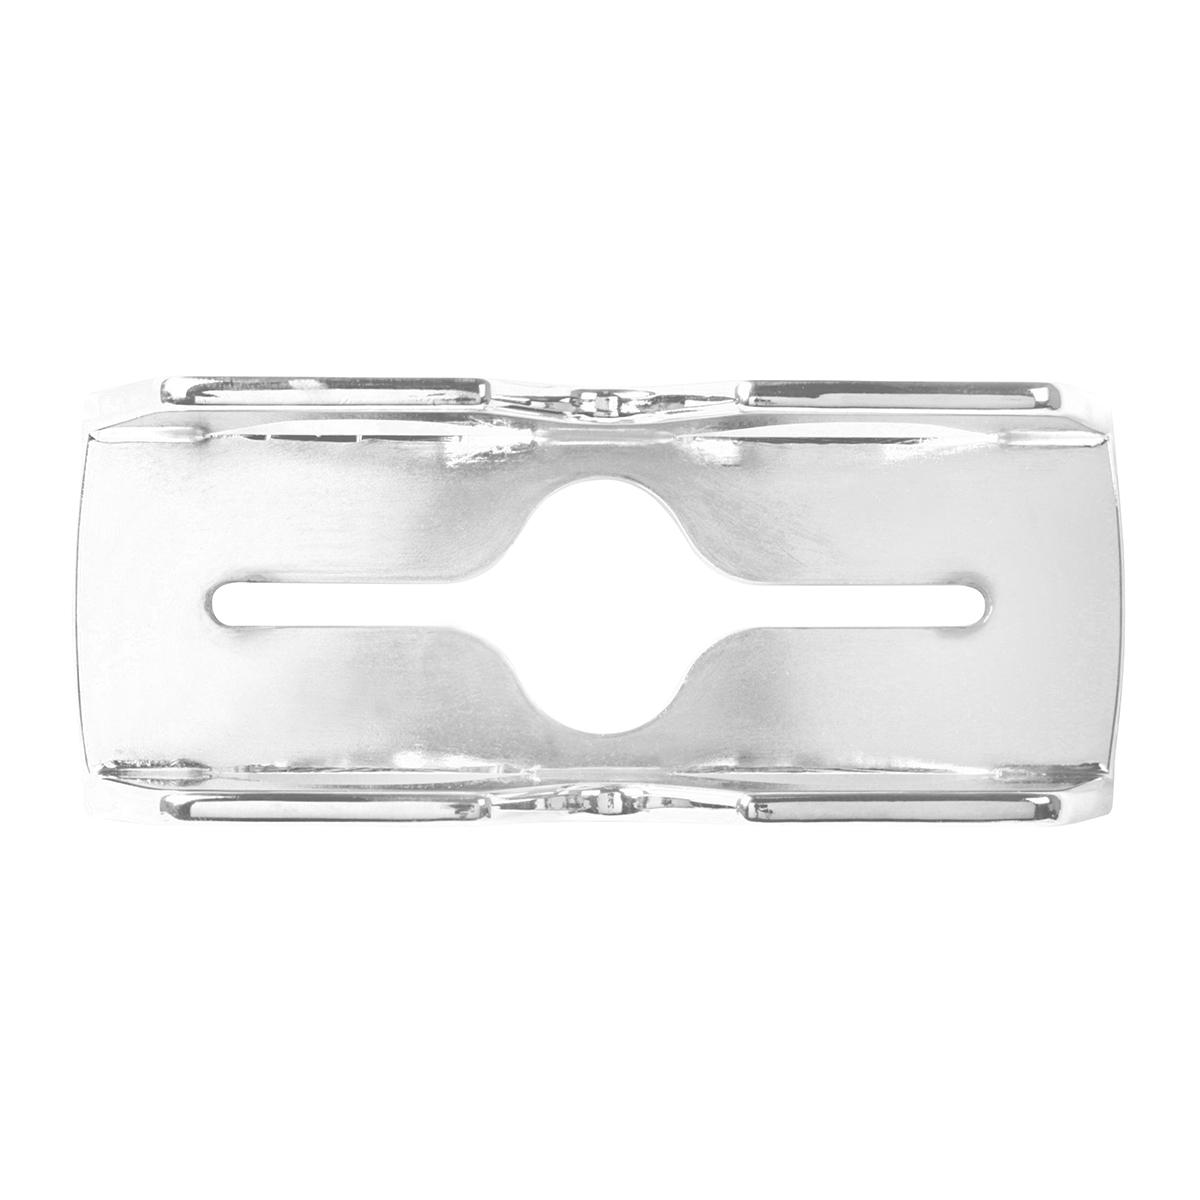 80013 Chrome Die Cast Lens Guard for Rectangular 2 Bulb Sealed Marker Lights